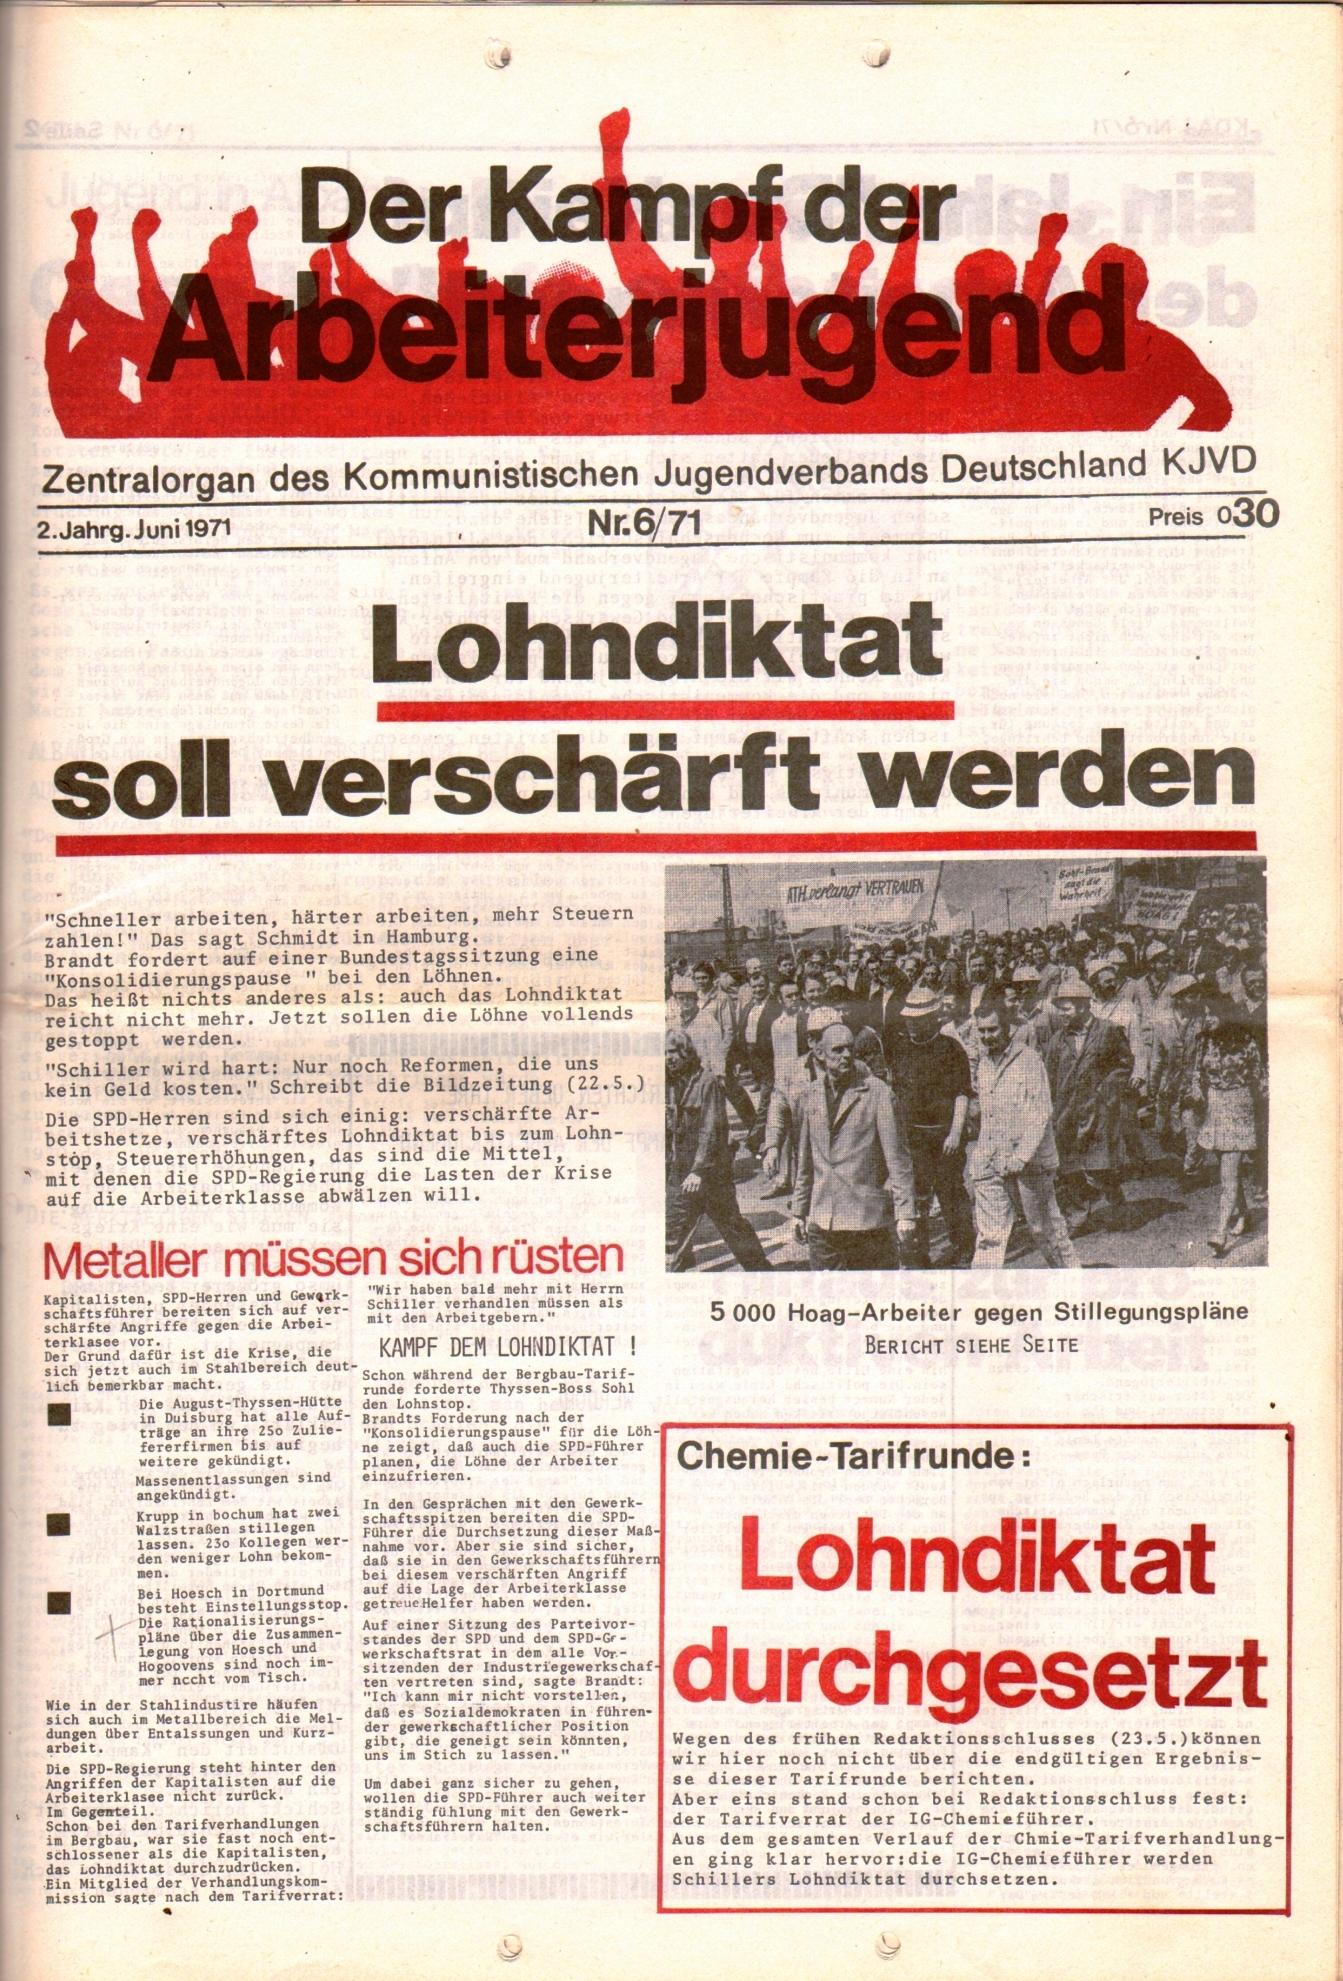 KDAJ, 2. Jg., Juni 1971, Nr. 6, Seite 1